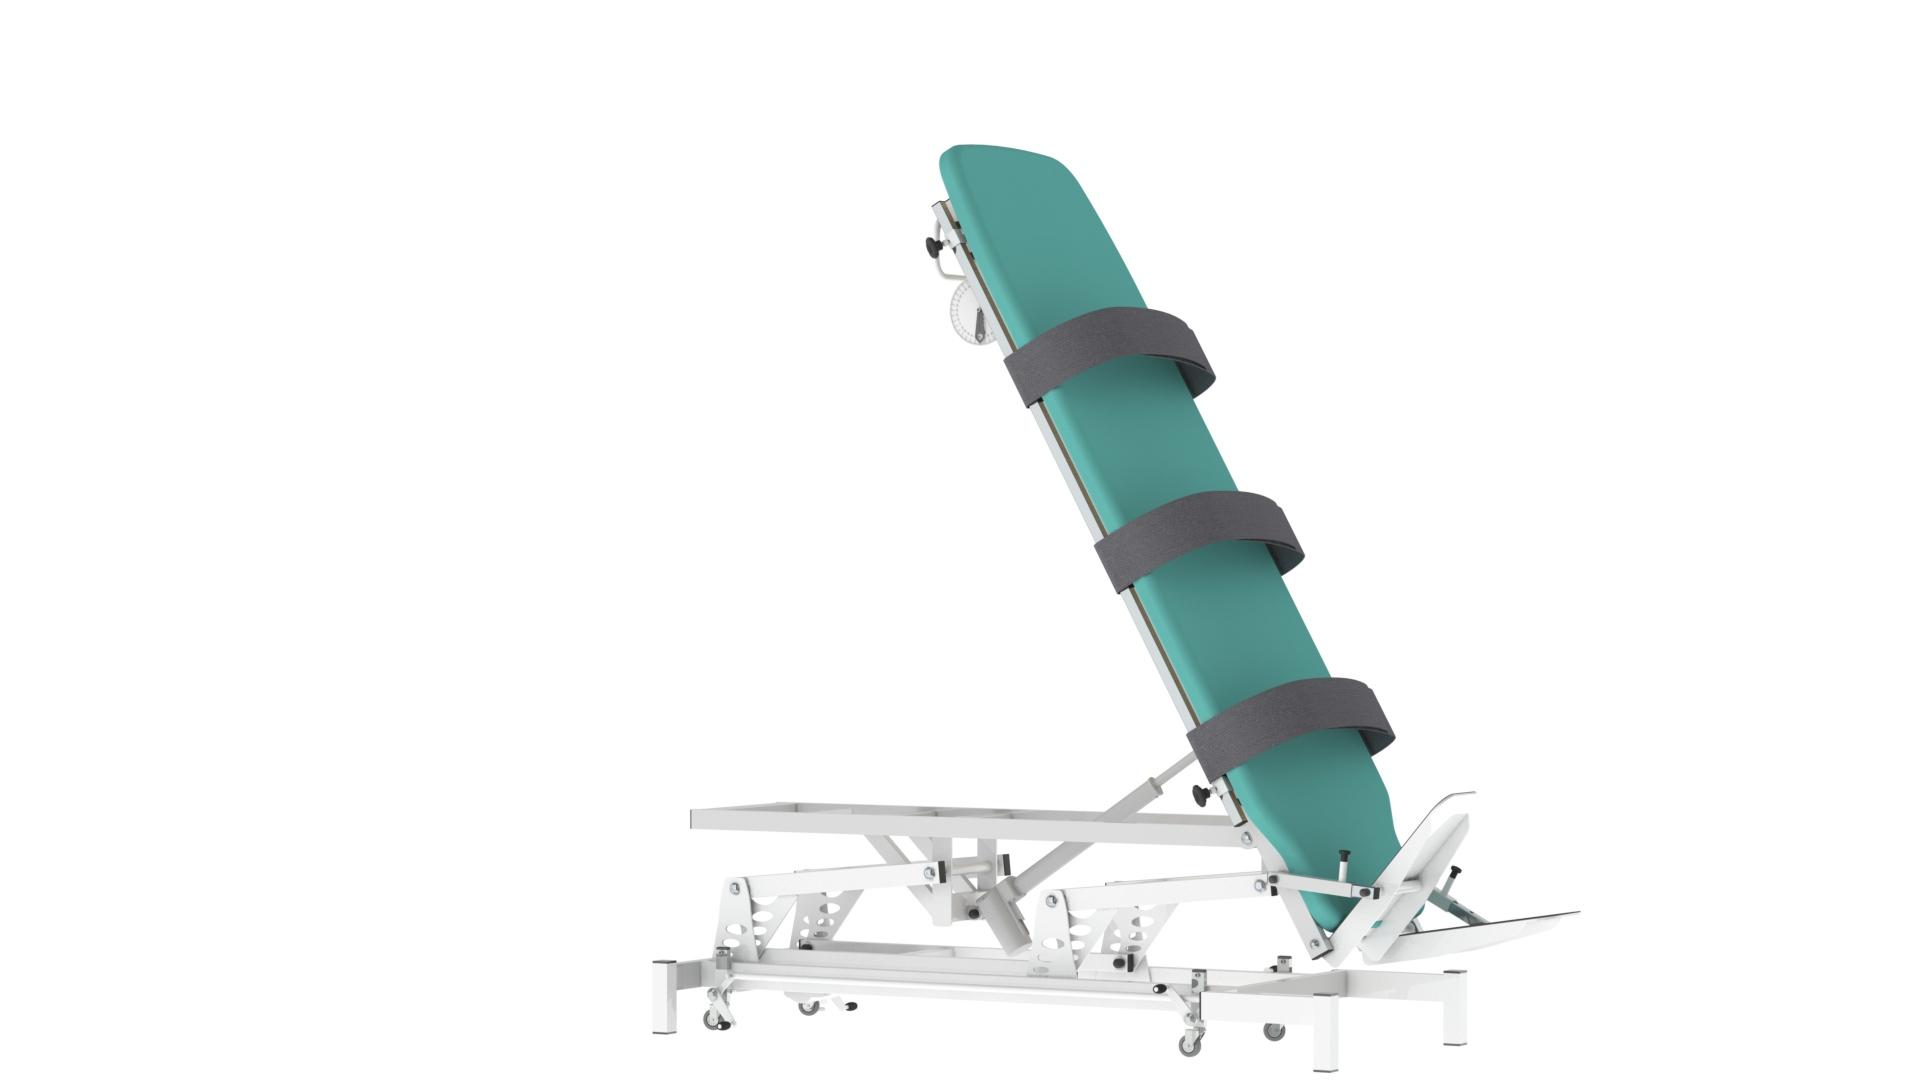 Plano Inclinado Elétrico Altura Variável (Mesa Verticalização) - Fisioterapia - Reabilitação